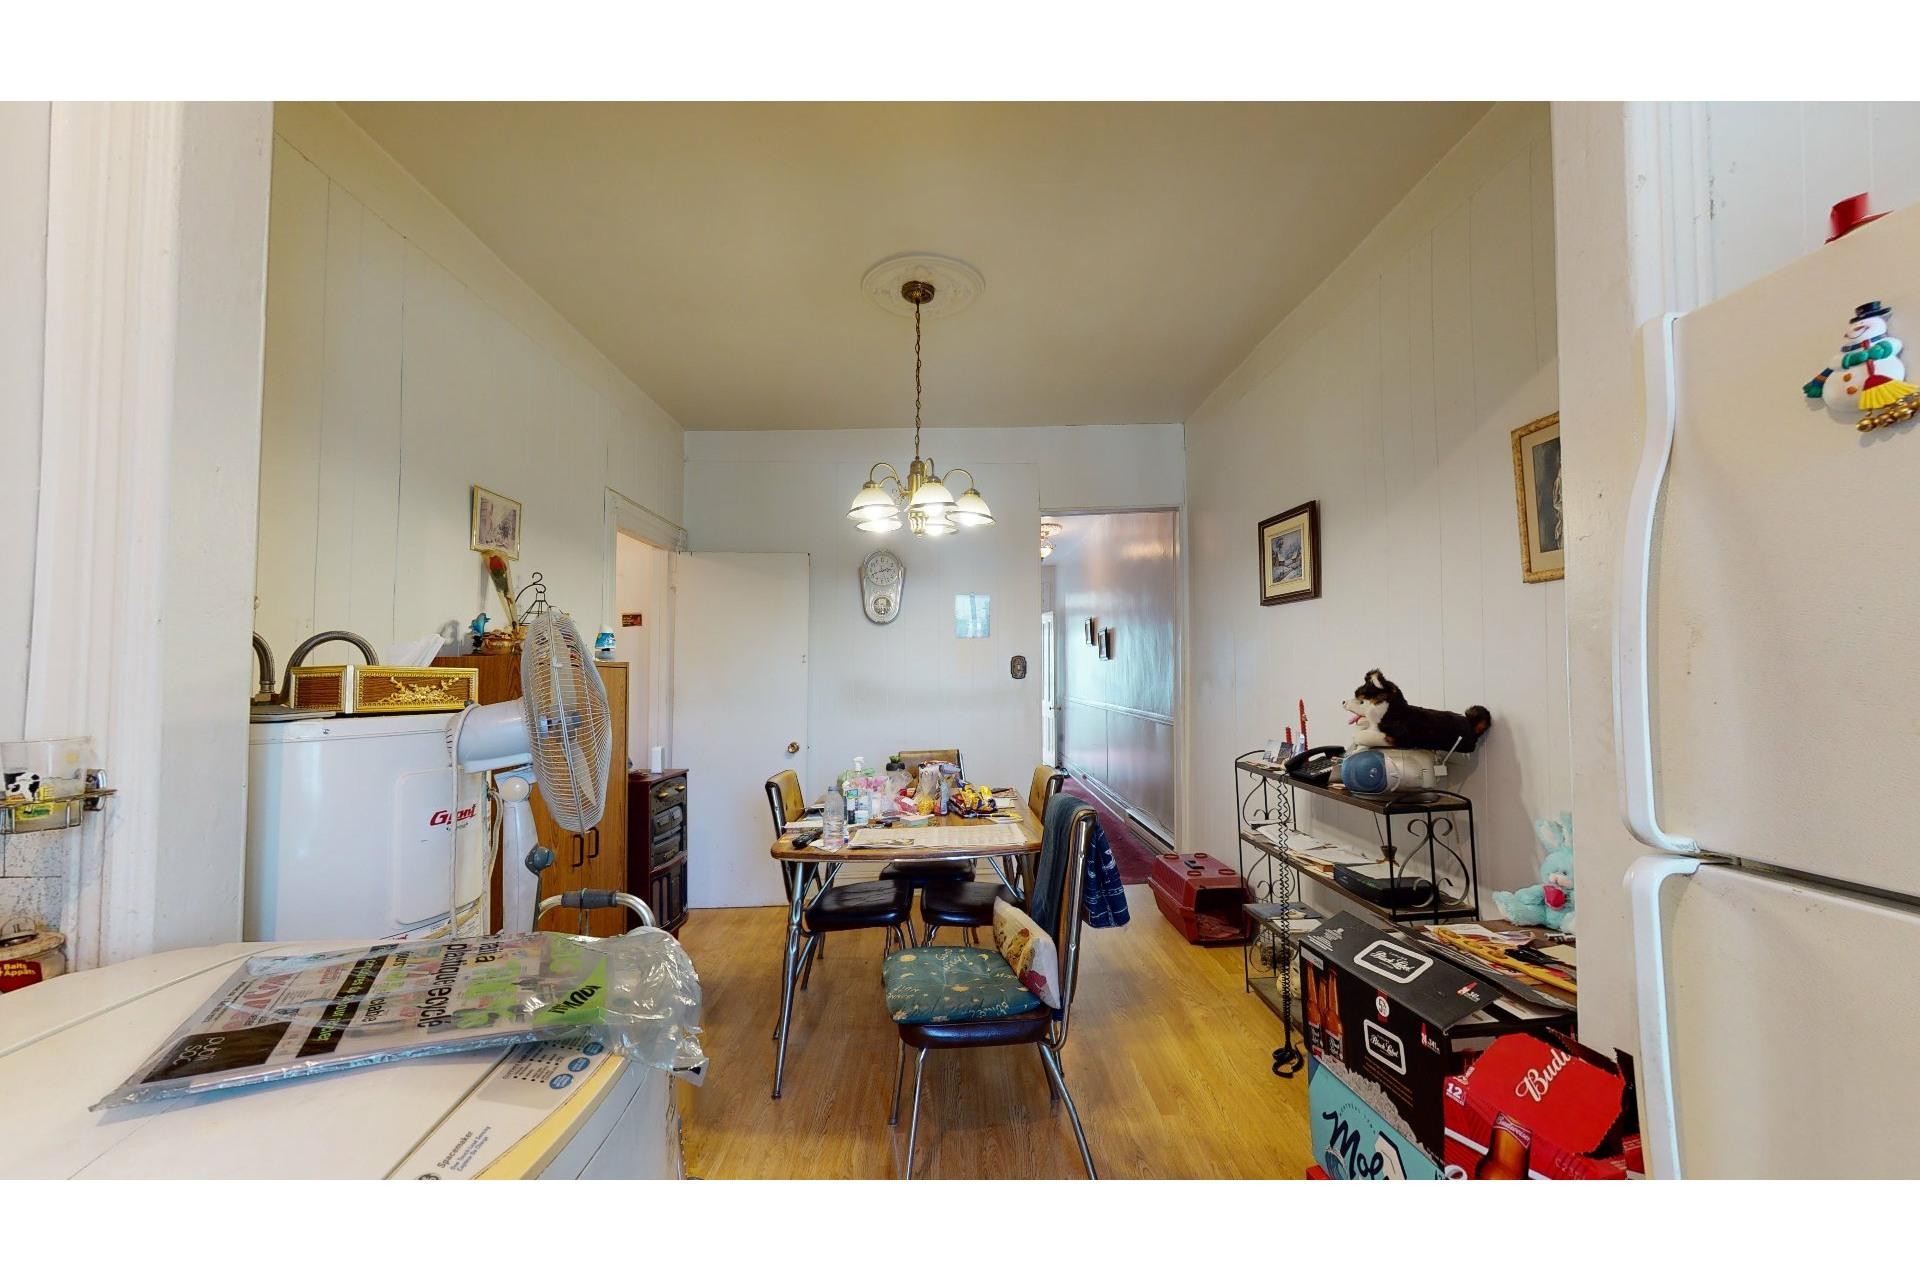 image 28 - Duplex À vendre Rosemont/La Petite-Patrie Montréal  - 4 pièces